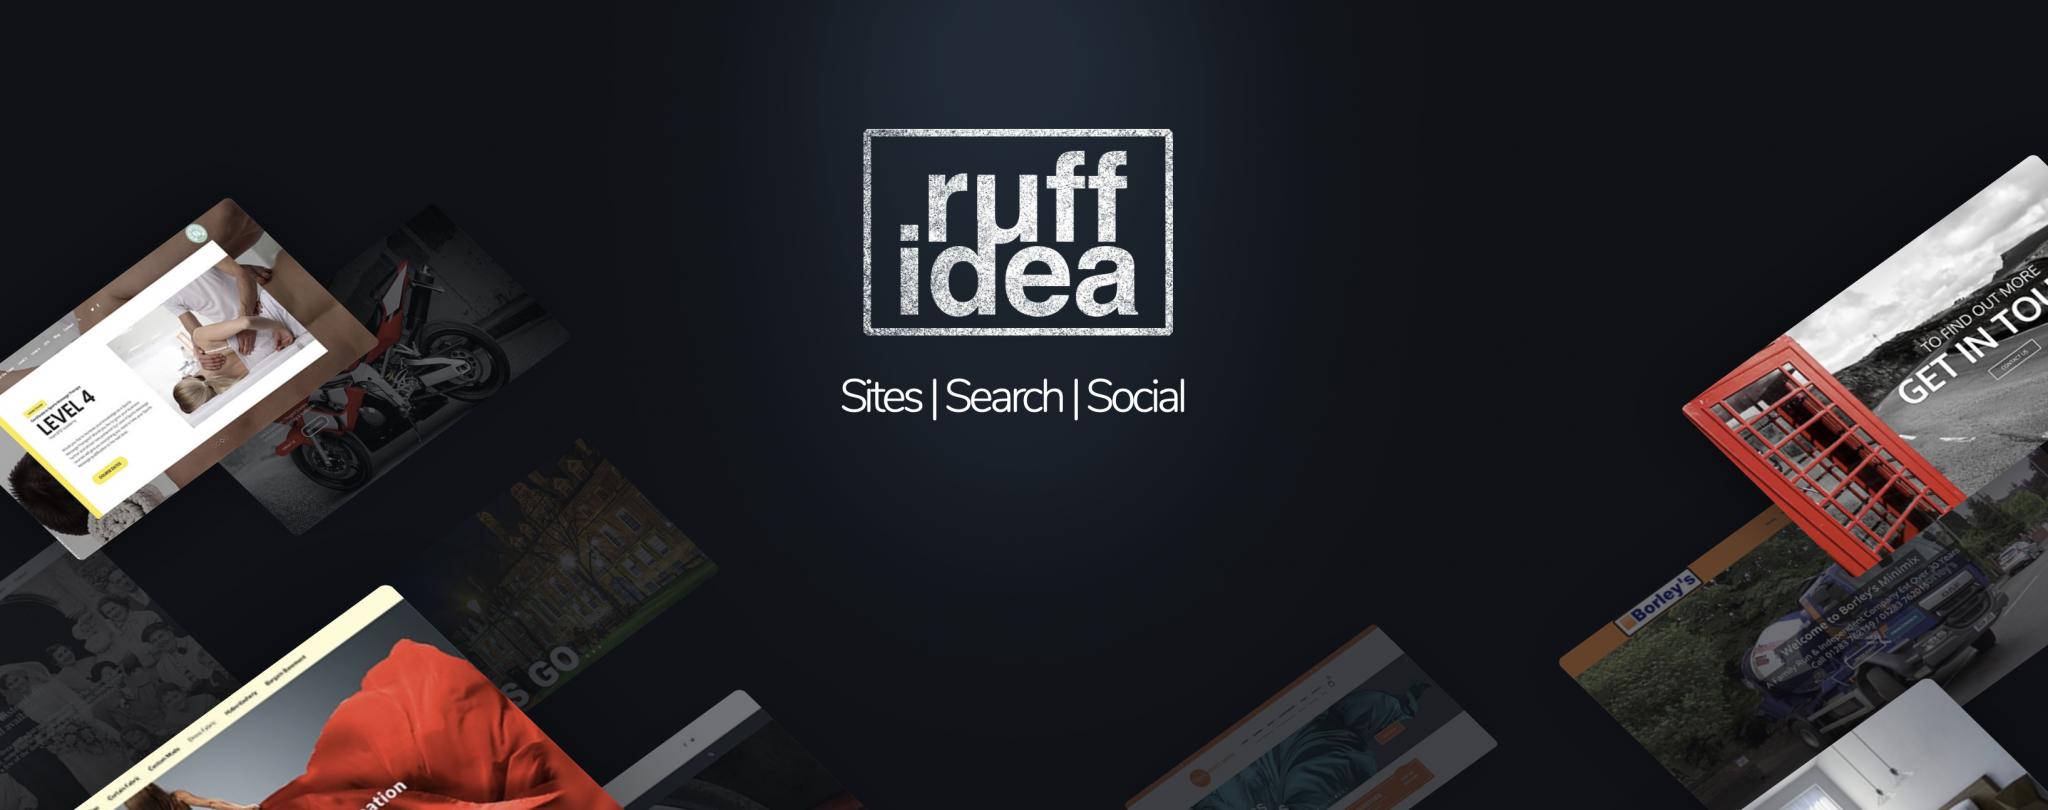 Ruff Idea Digital Marketing Agency